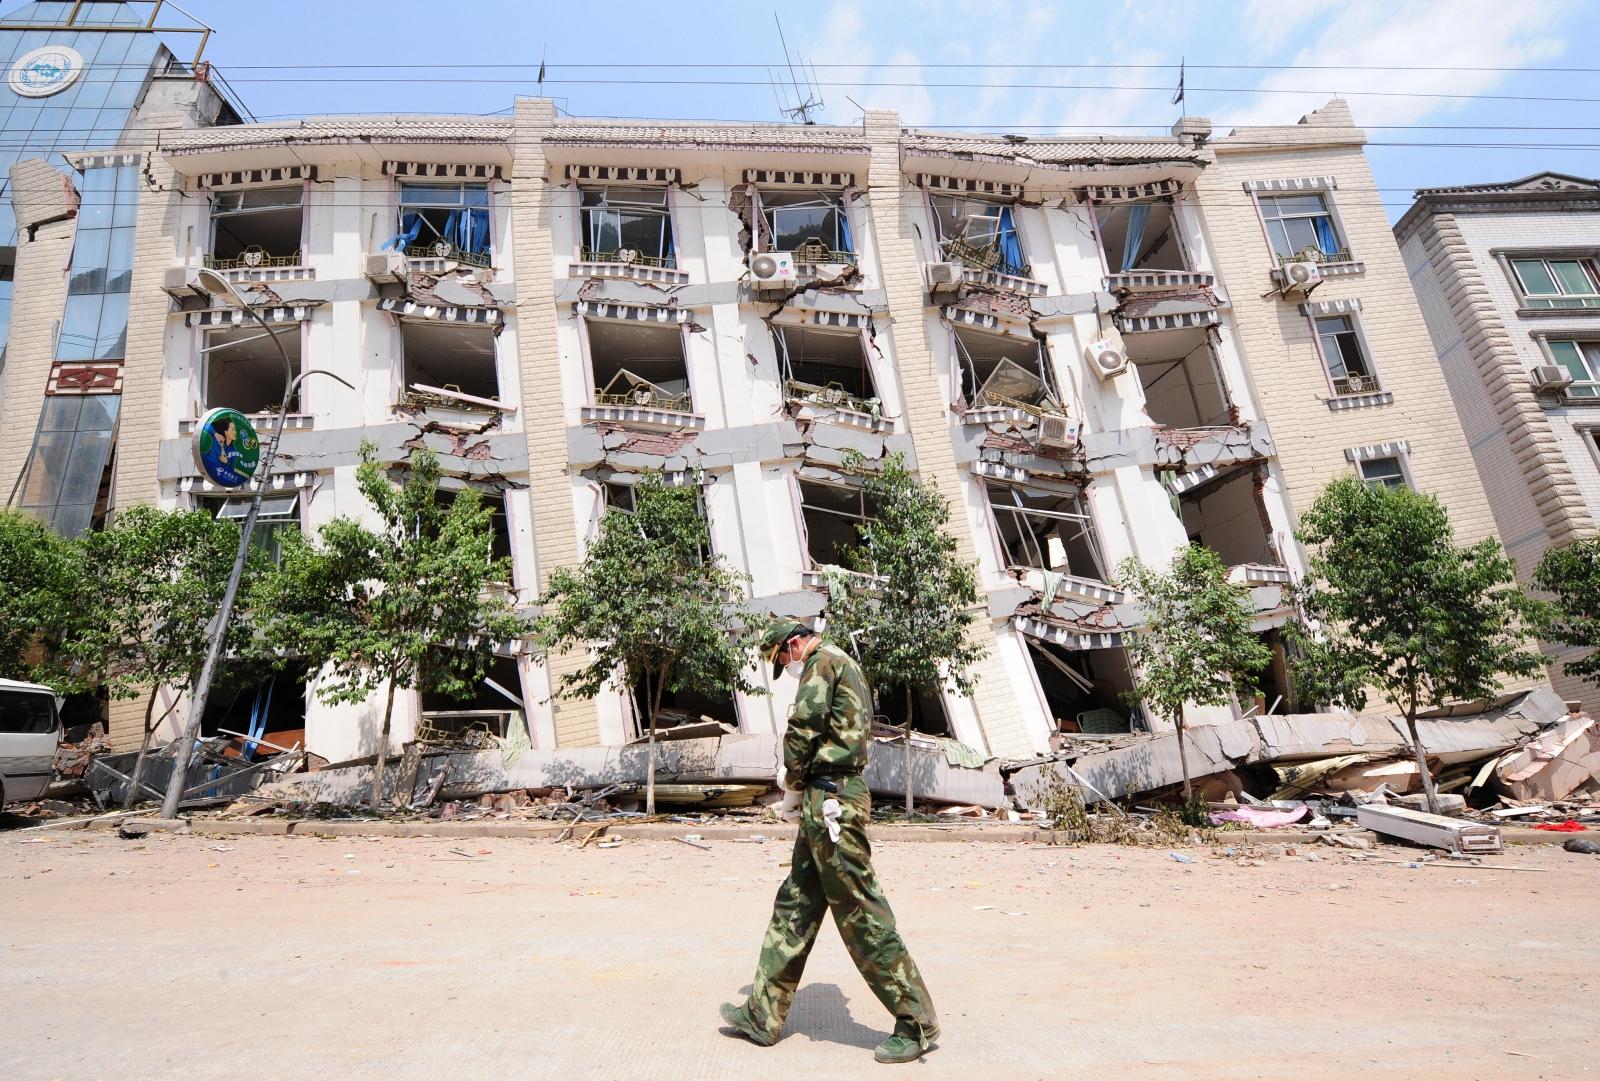 China 2008 earthquake